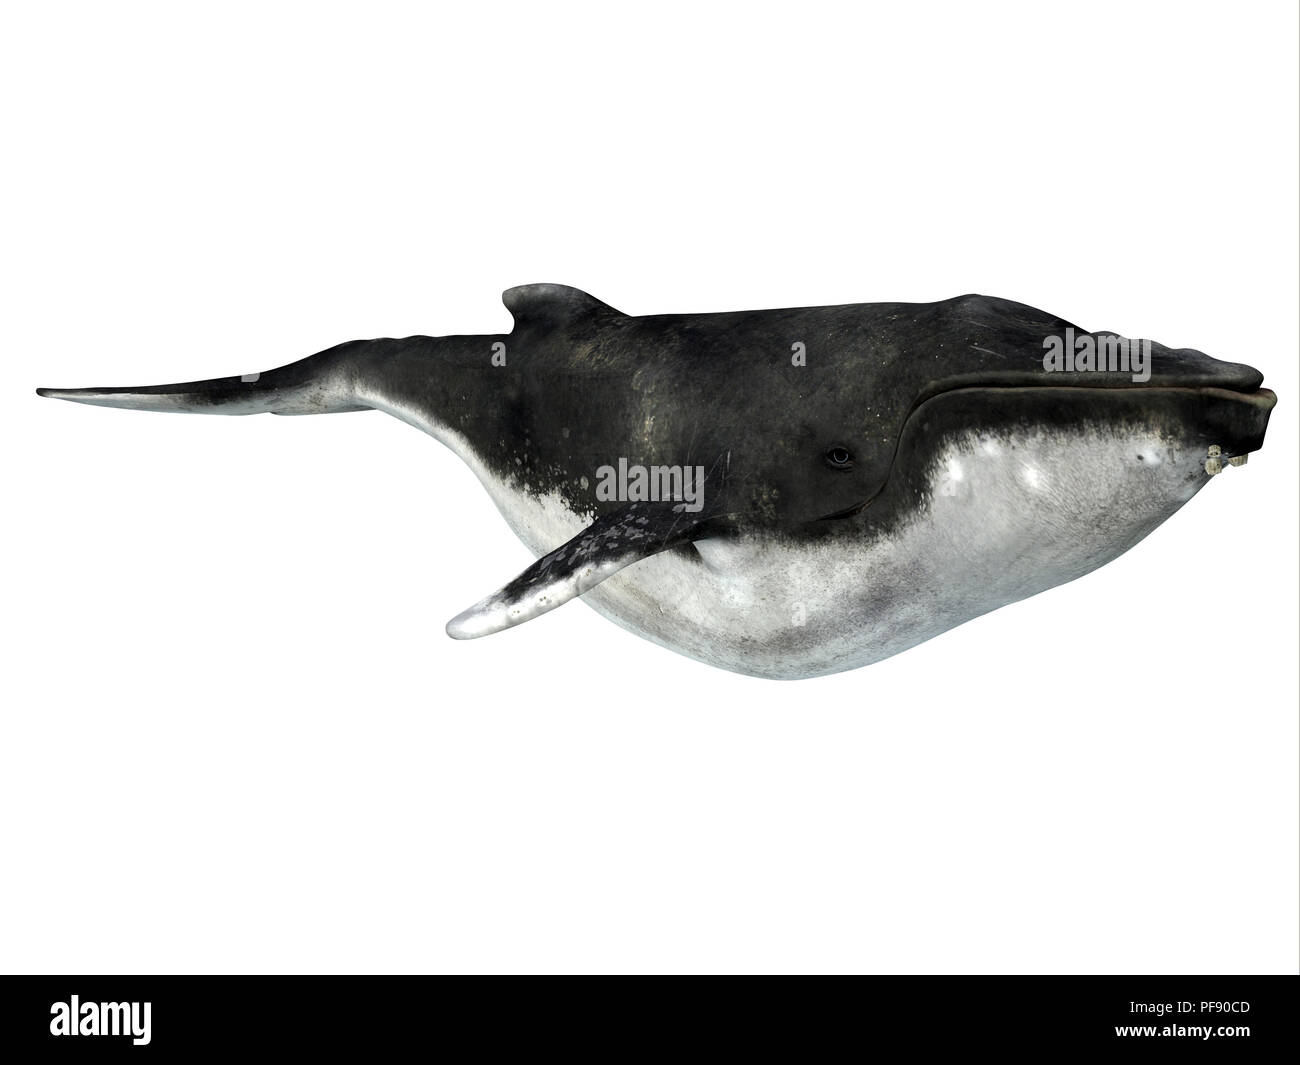 Ballena Jorobada con percebes - La ballena jorobada es una ballena con barbas y muchos organismos el enganche de un paseo como estas chin percebes. Foto de stock